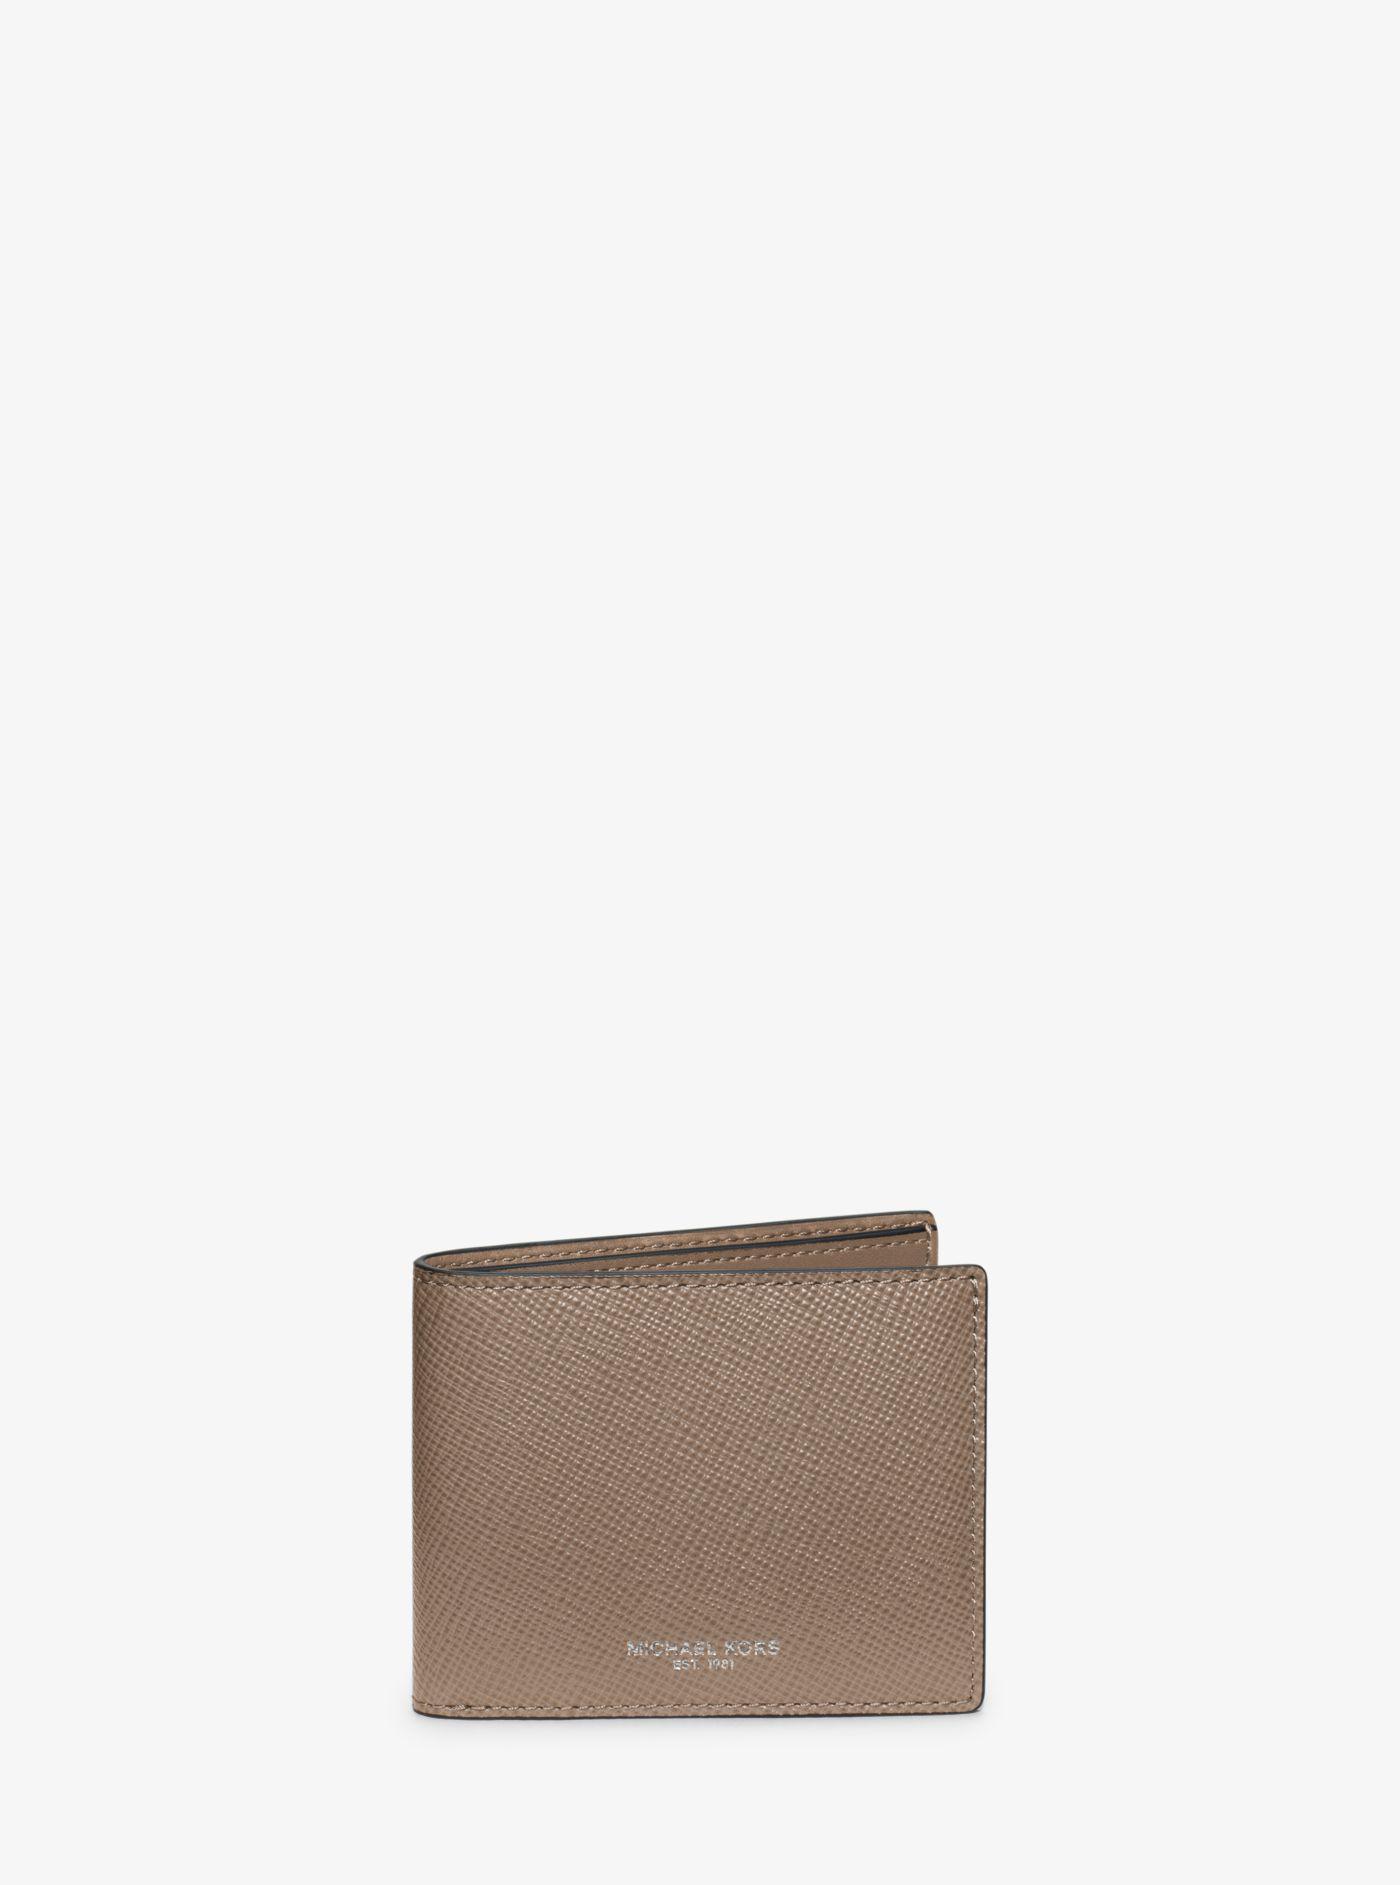 3cec6ea47804 Michael Kors - Gray Harrison Slim Leather Billfold Wallet for Men - Lyst